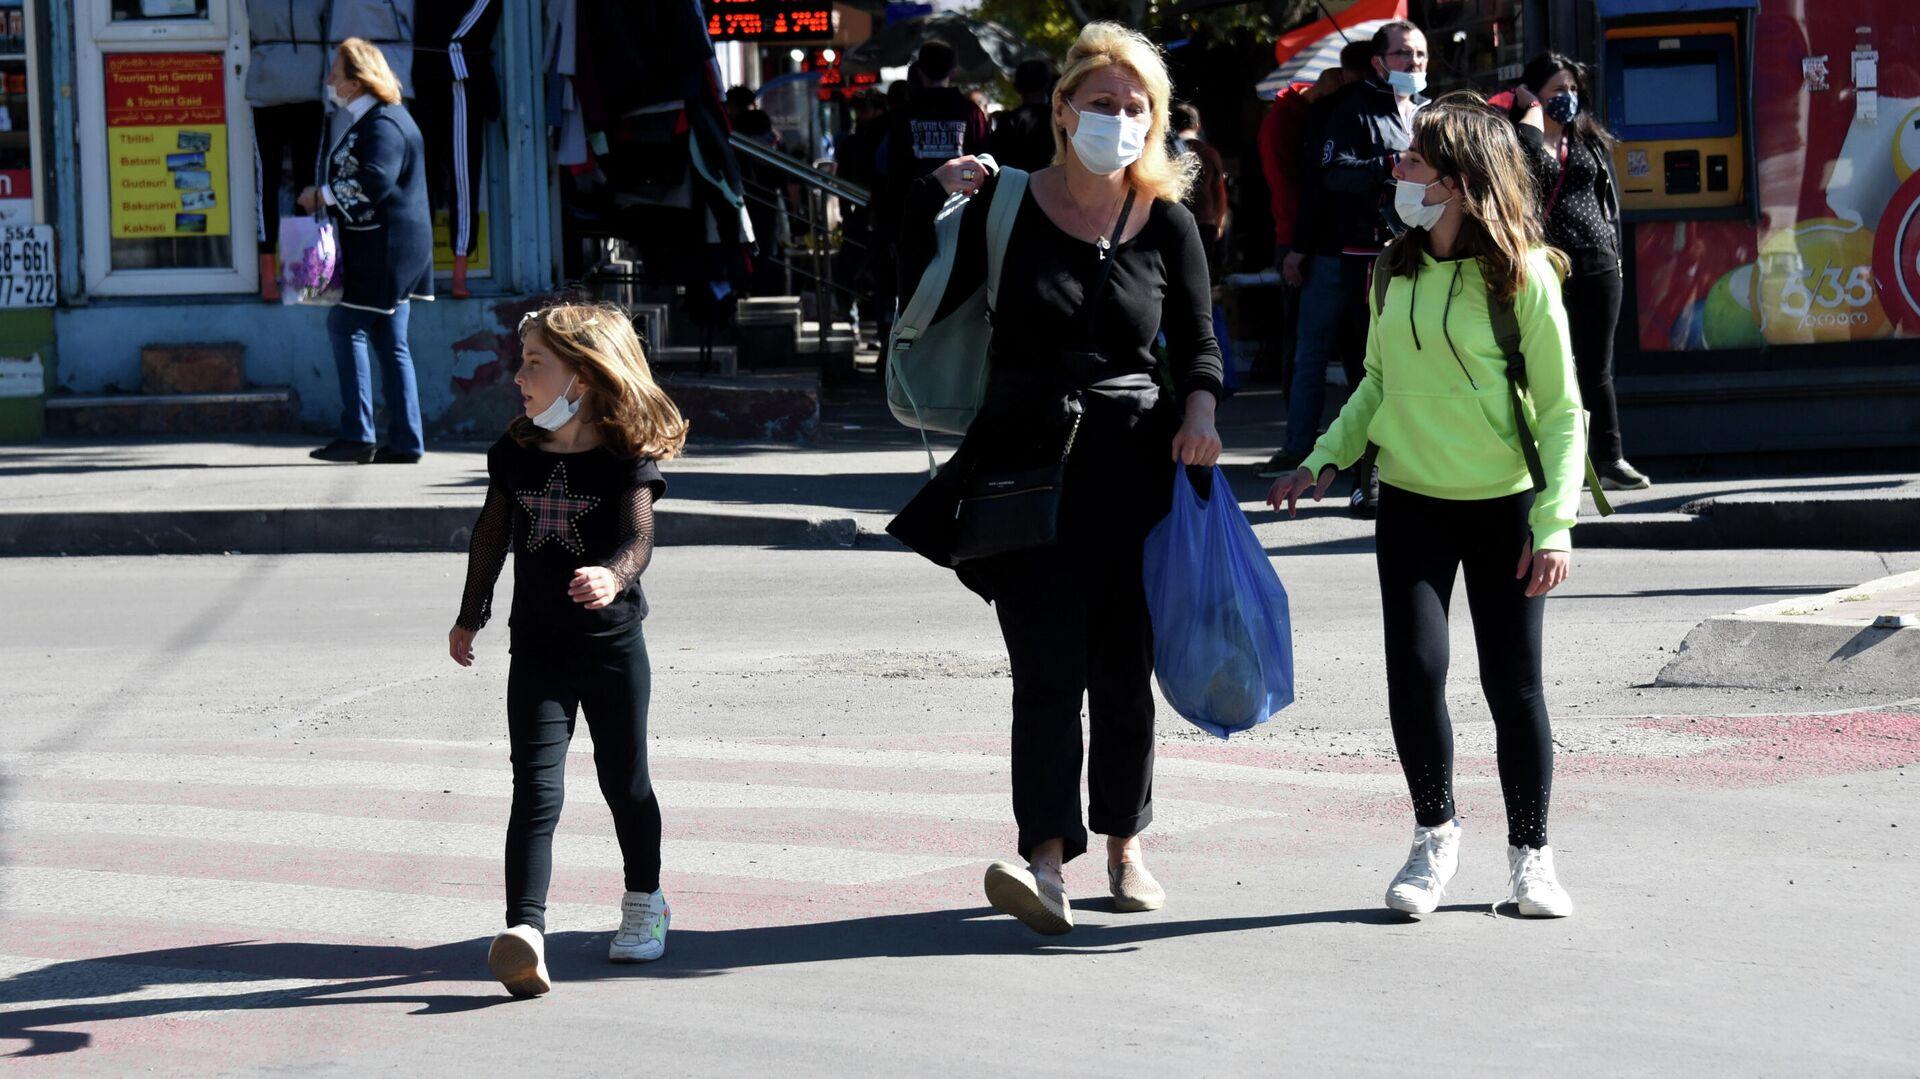 Эпидемия коронавируса - прохожие на улице в масках. Женщина с детьми переходит дорогу - Sputnik Грузия, 1920, 07.10.2021